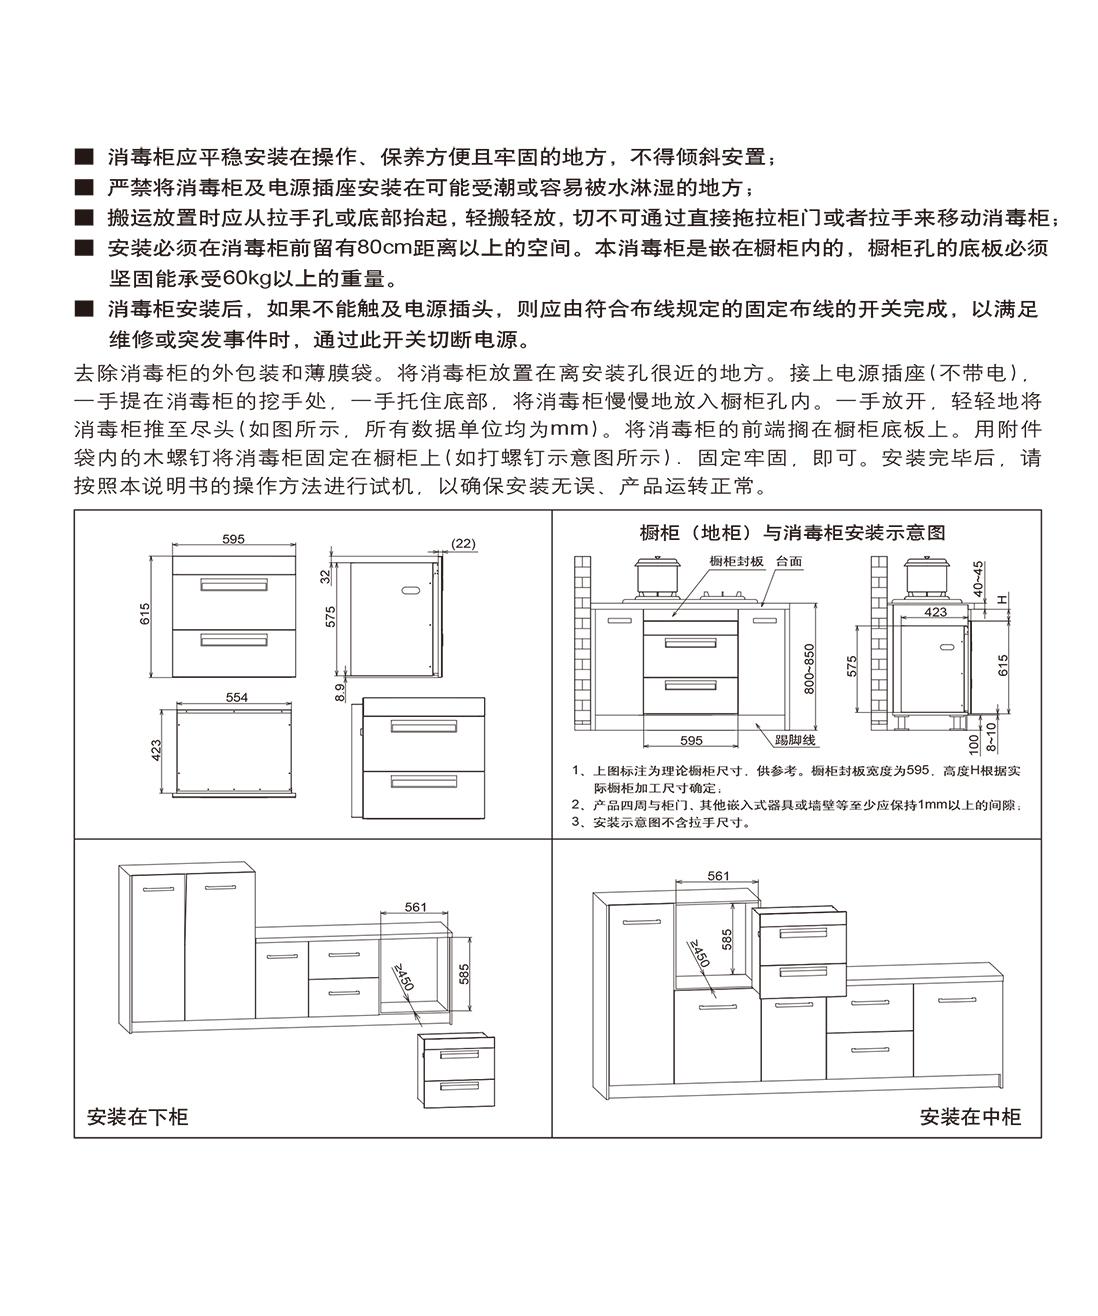 方太ZTD100J-13T安装示意图